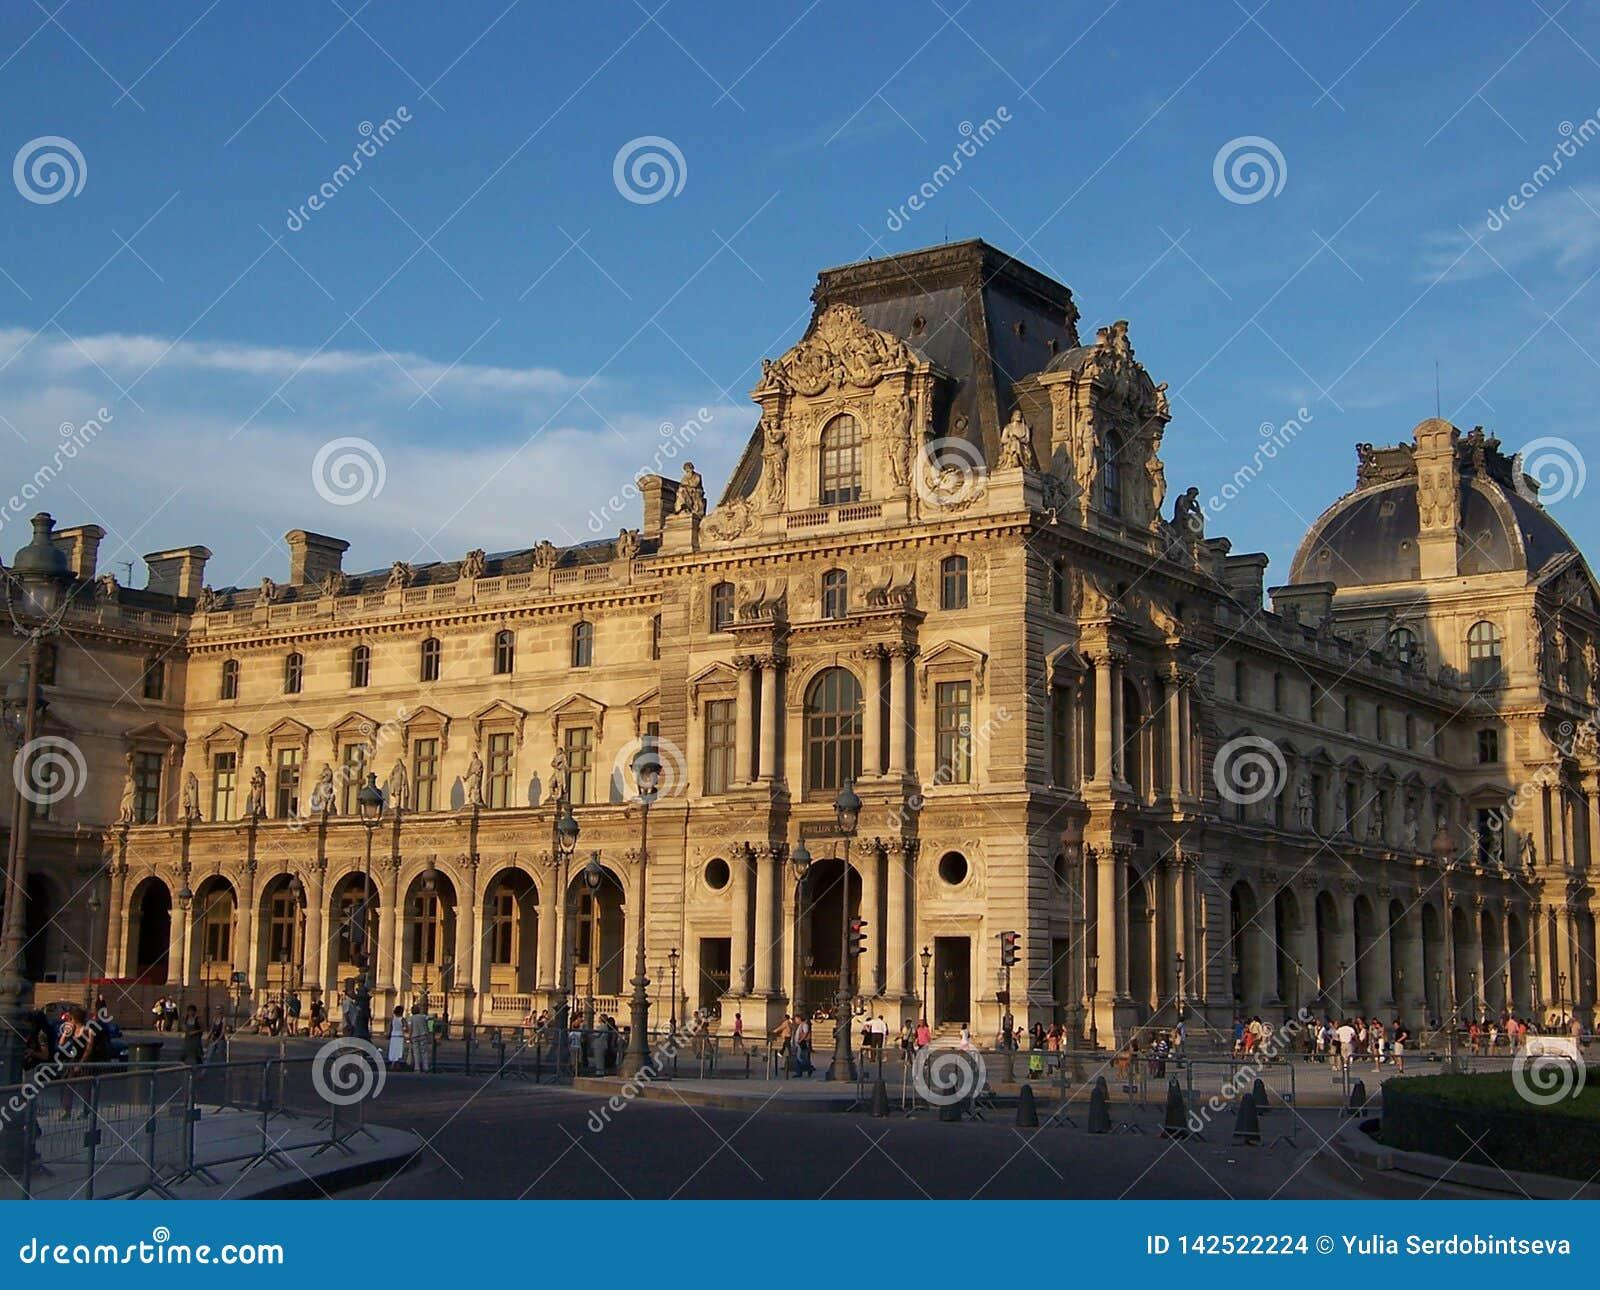 Παρίσι, Γαλλία 5 Αυγούστου 2009: Όμορφη παλαιά αρχιτεκτονική να στηριχτεί του Λούβρου στο ηλιοβασίλεμα σε ένα θερινό βράδυ